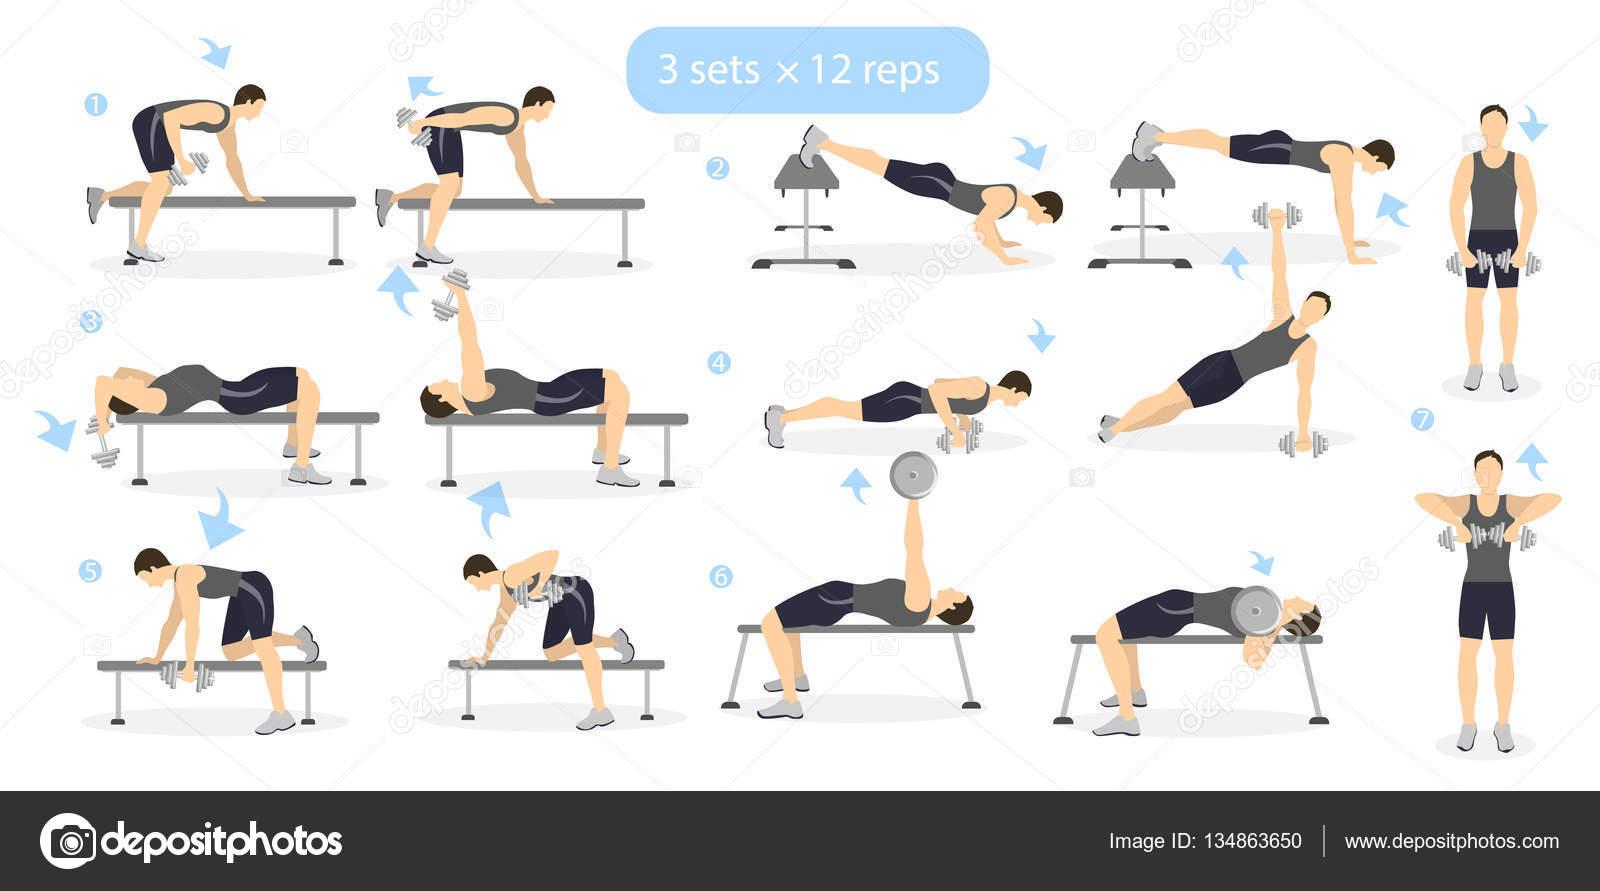 Wspaniały Zestaw ćwiczeń siłownia — Grafika wektorowa © inspiring.vector LG23